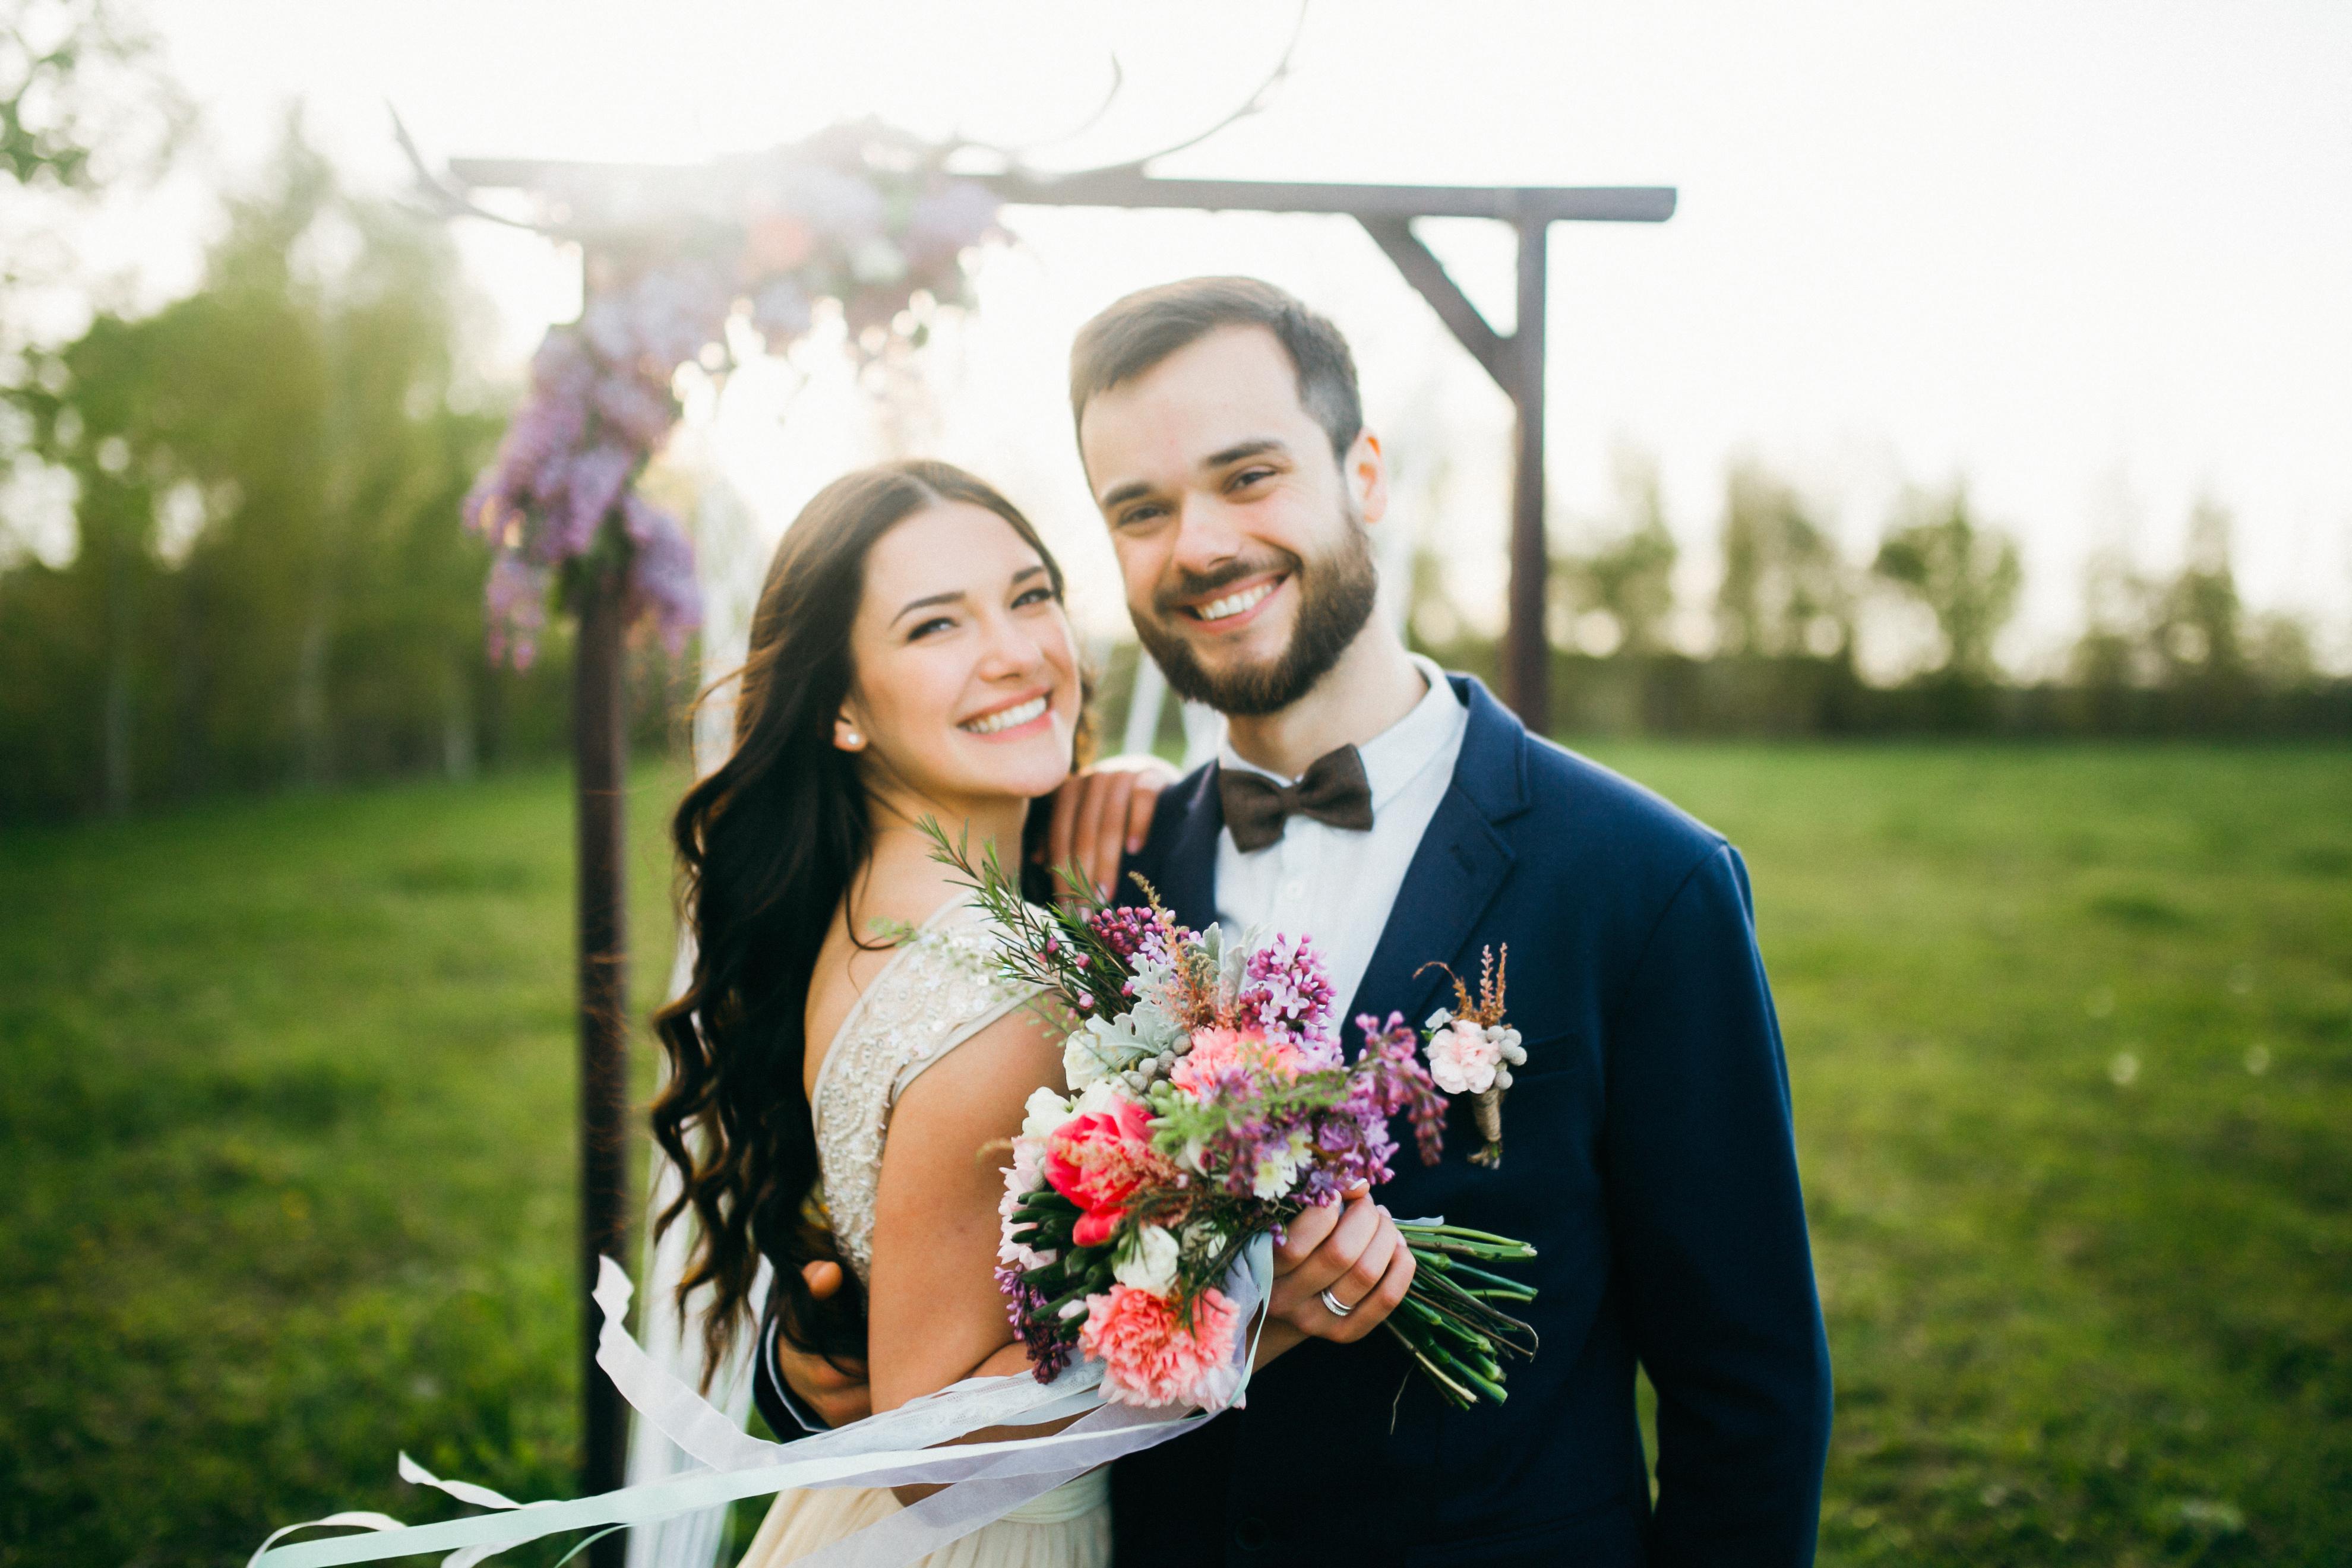 d5e9047d7a Planujemy ślub – czy warto mieć film z poprawin